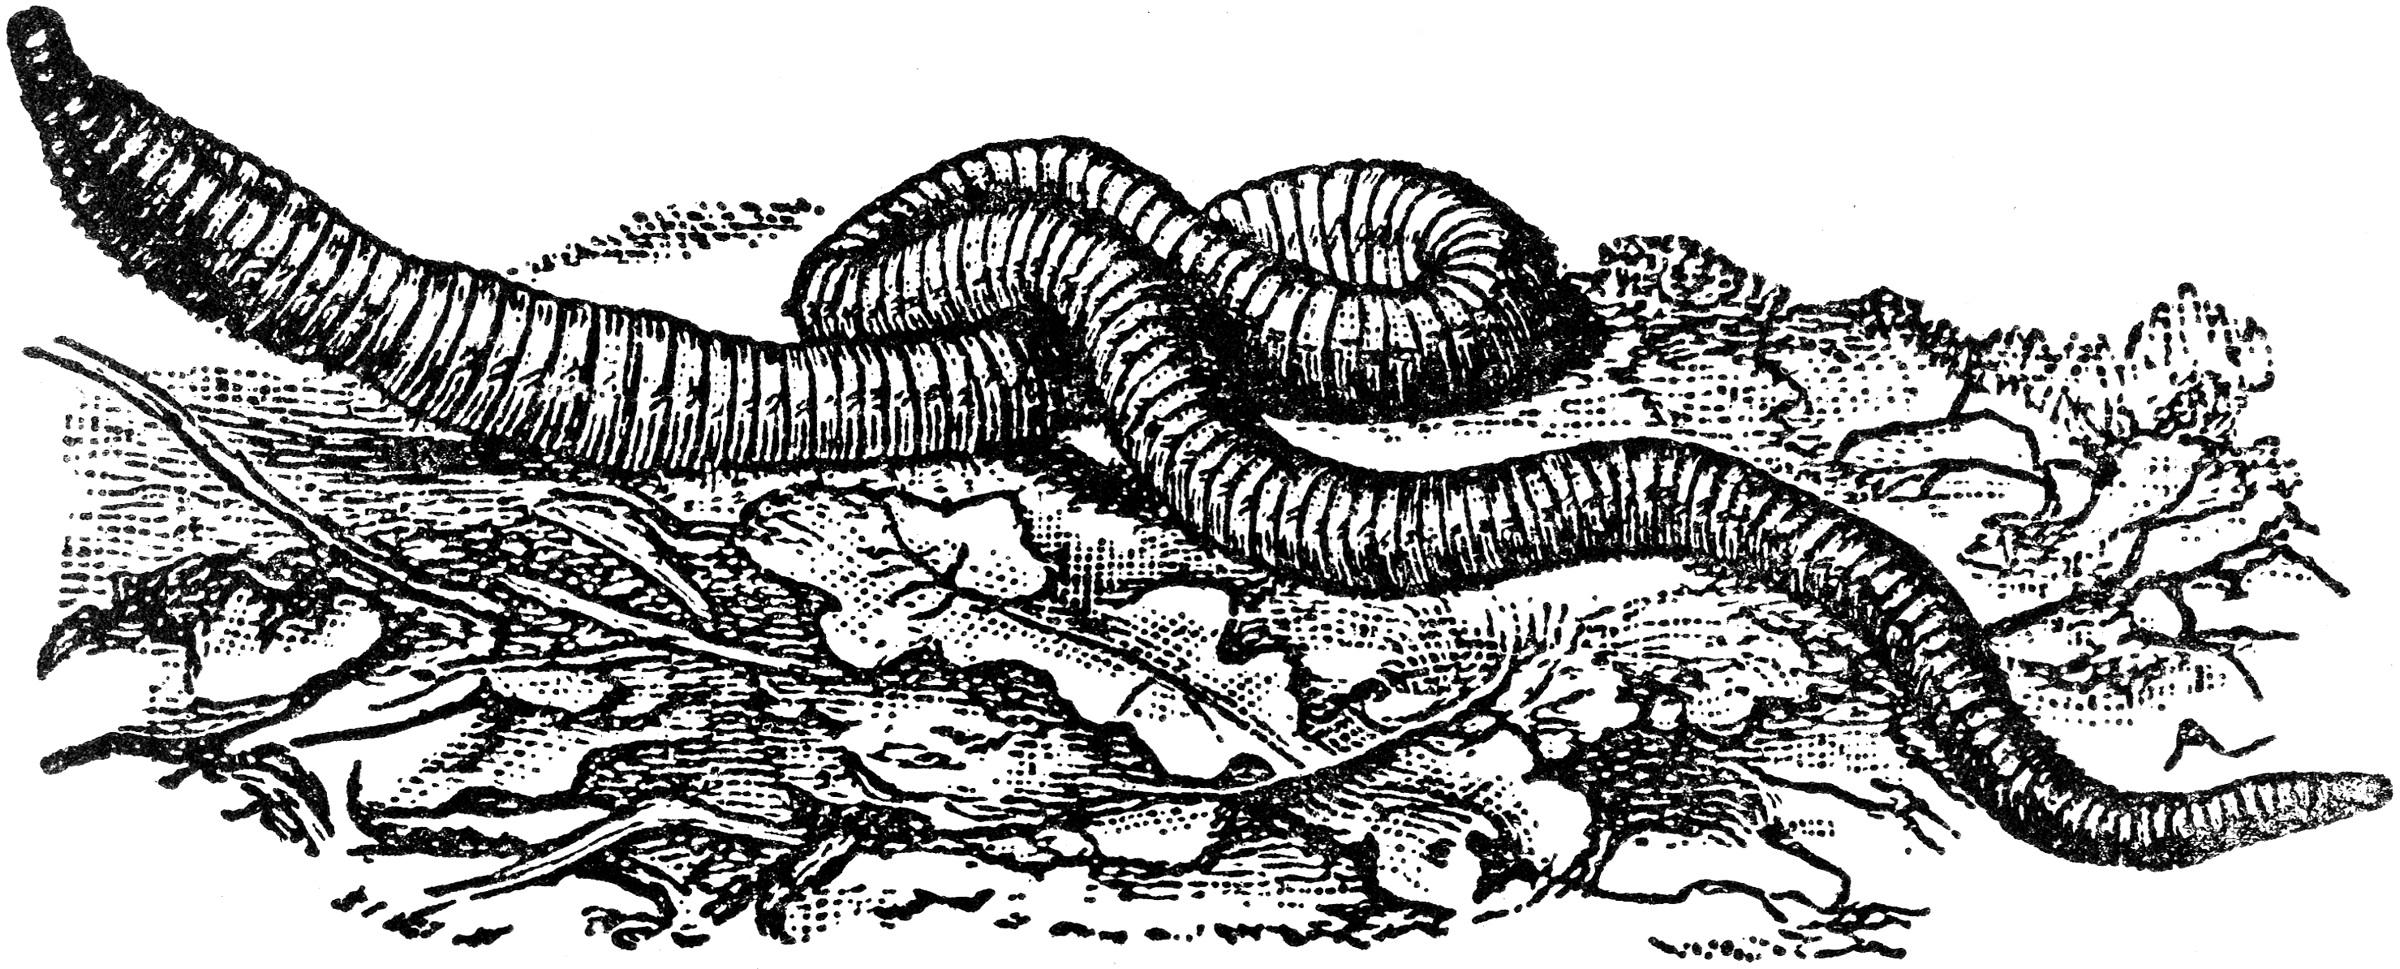 Worm clipart earthworm Earthworm Quantum Phenomena – The